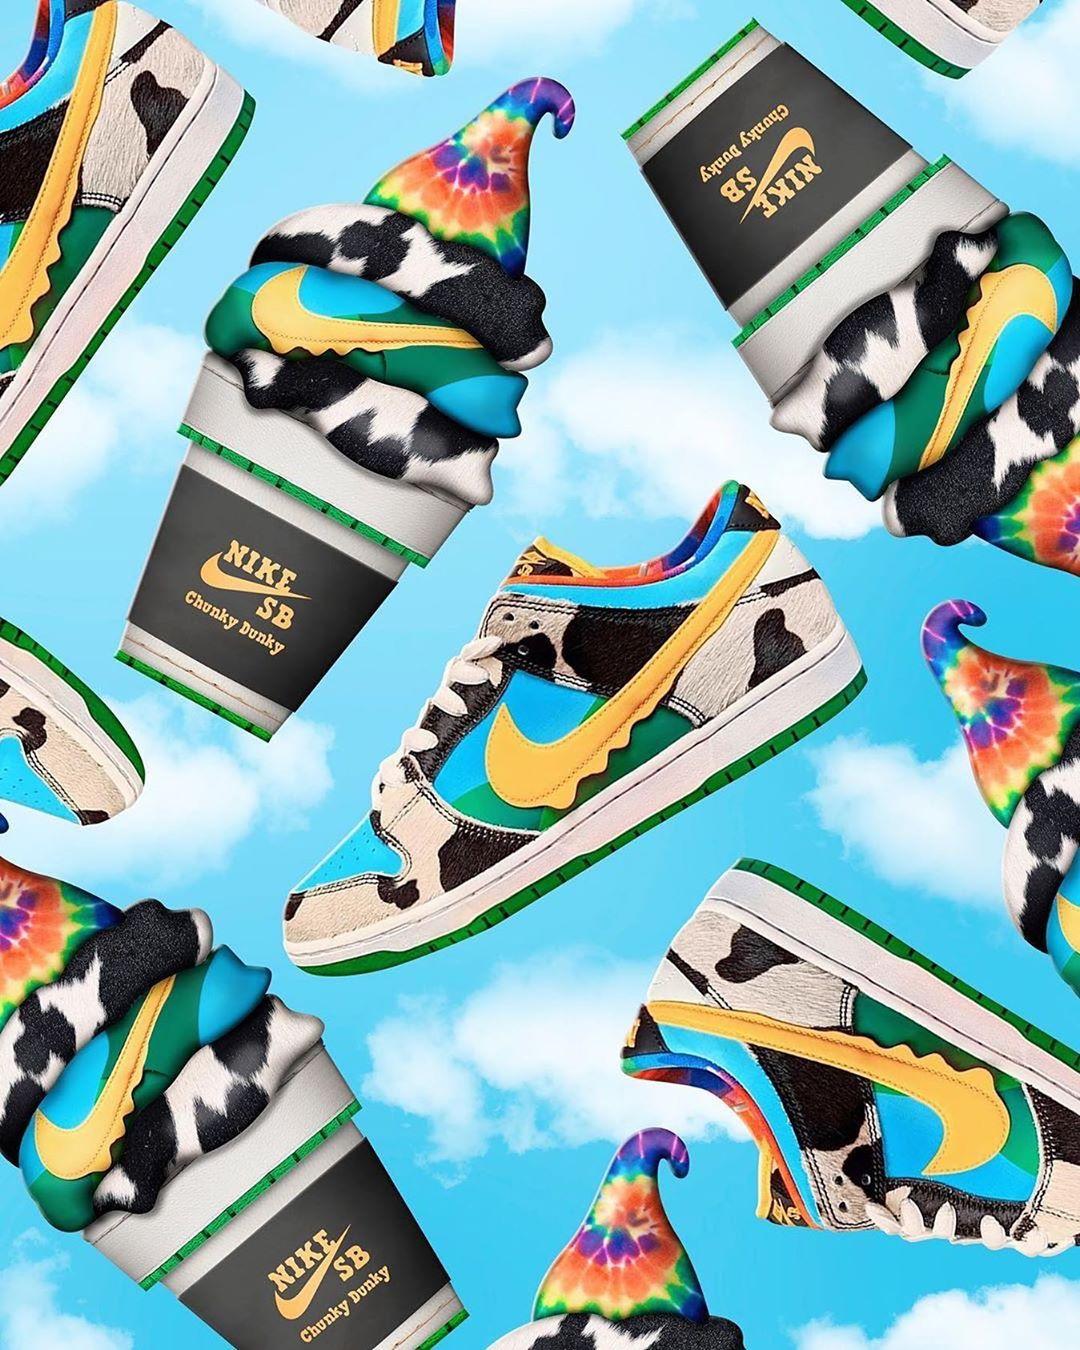 明日,Yeezy,700,还能,抢,一周,球鞋,美图,随着,  明日 Yeezy 700 V3 还能抢!一周球鞋美图 04/10